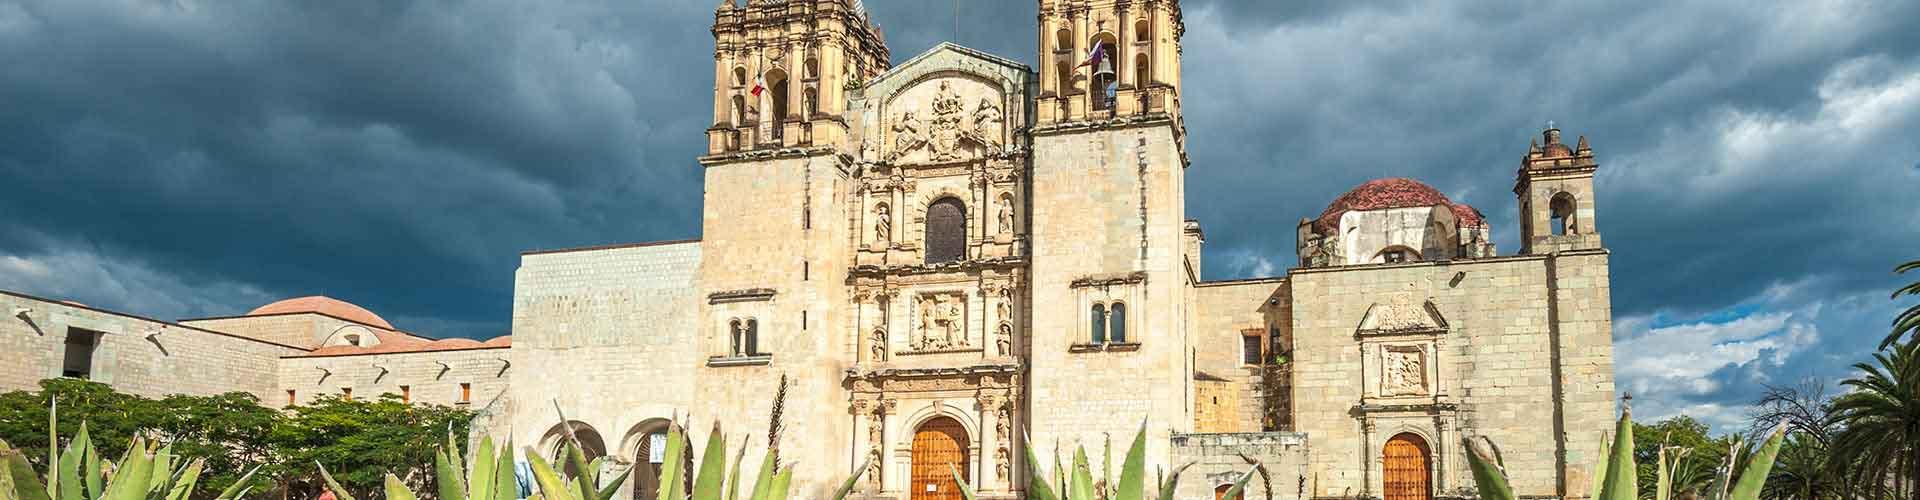 Oaxaca - Habitaciones en Oaxaca. Mapas de Oaxaca, Fotos y comentarios de cada Habitación en Oaxaca.